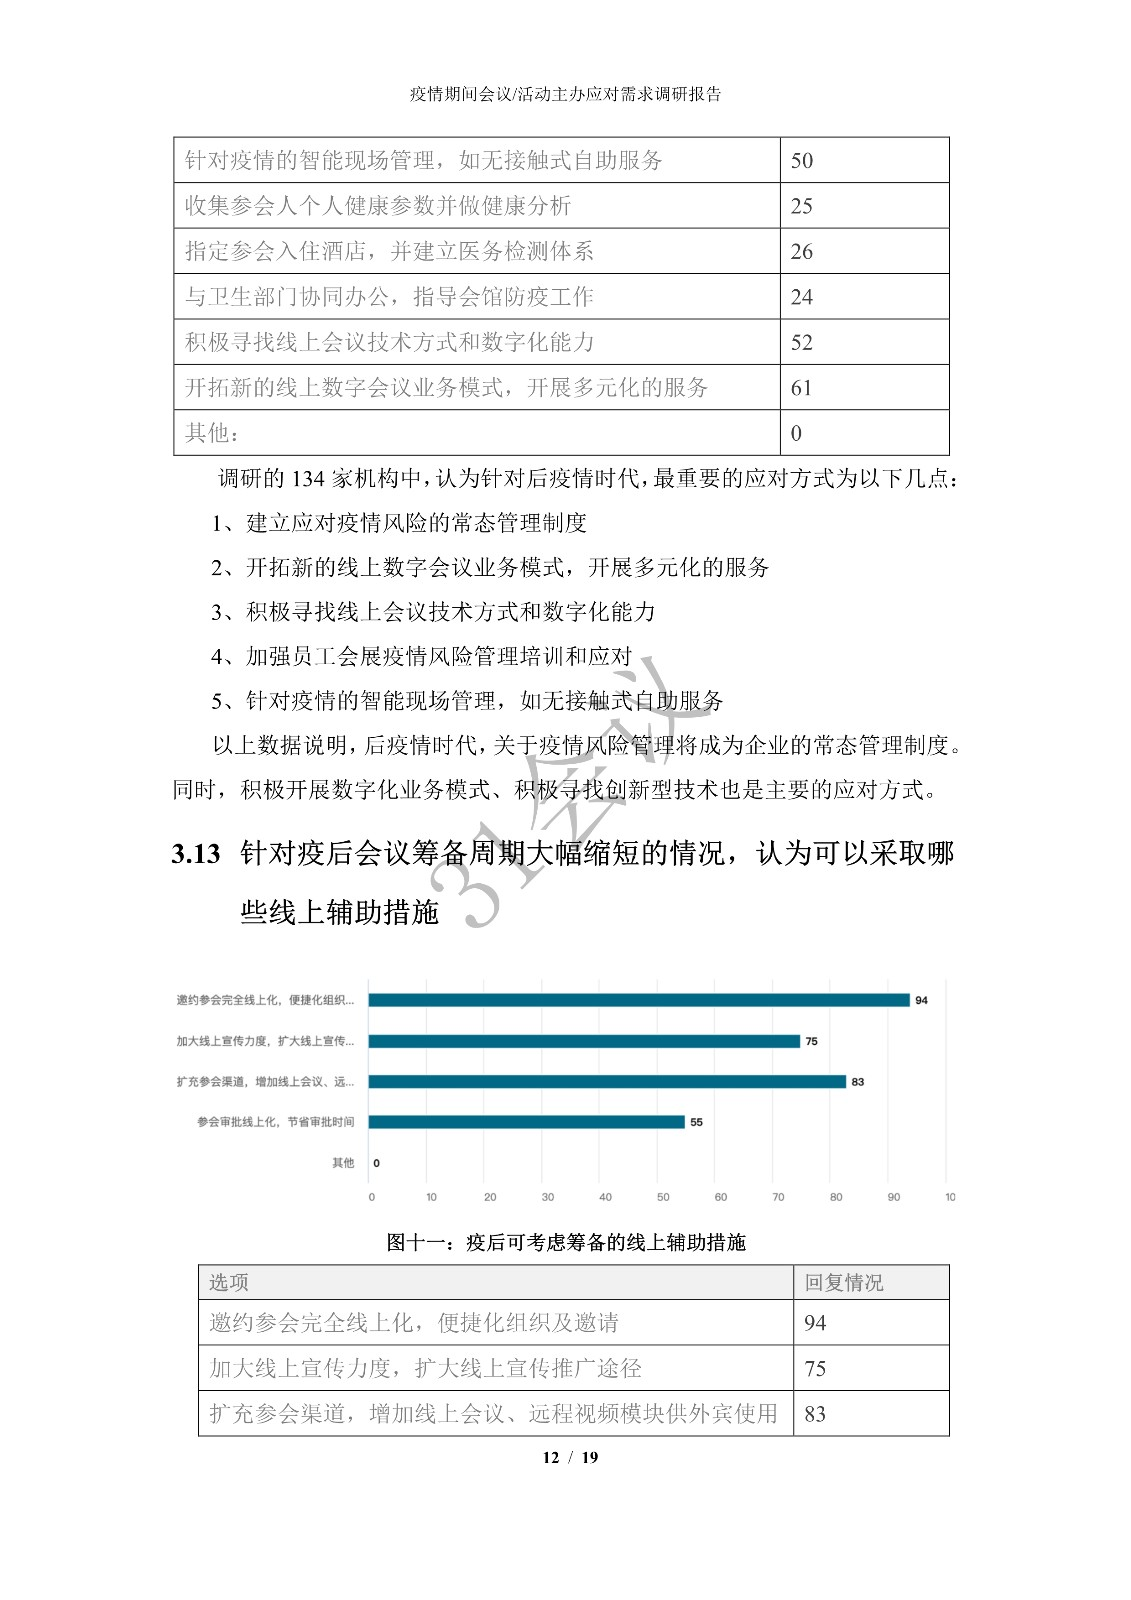 新型冠状病毒肺炎疫情期间 会议活动主办应对需求调研报告_11.jpg